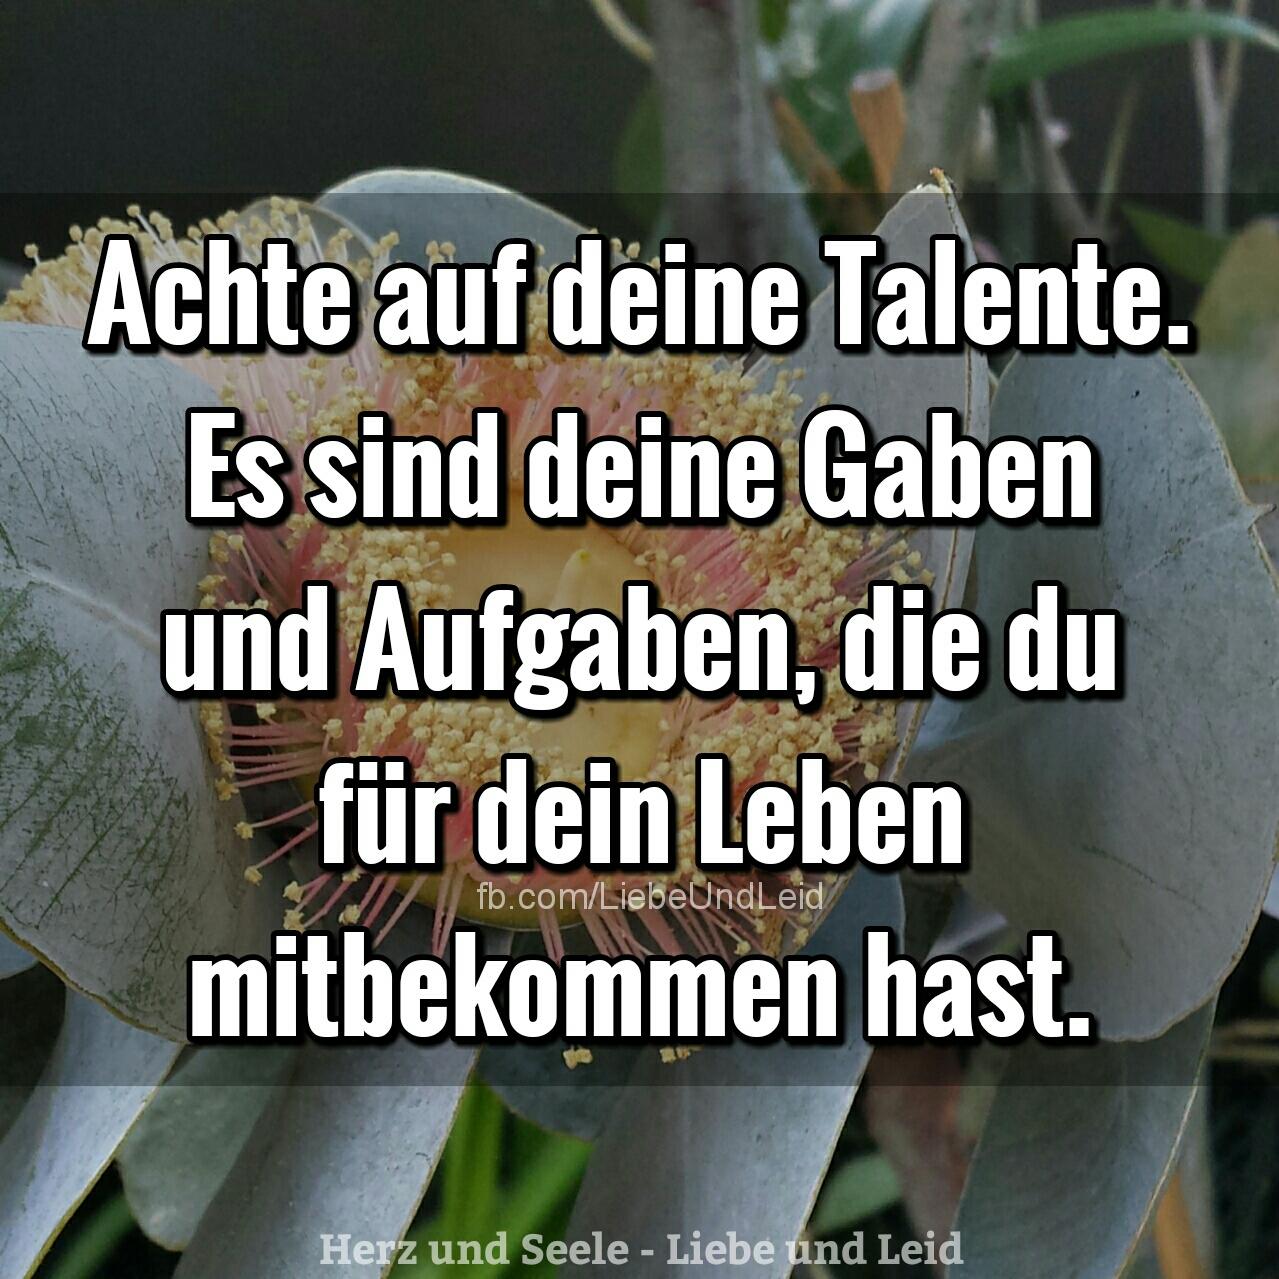 achte.auf.deine.talente.es.sind.deine.gaben.und.aufgaben